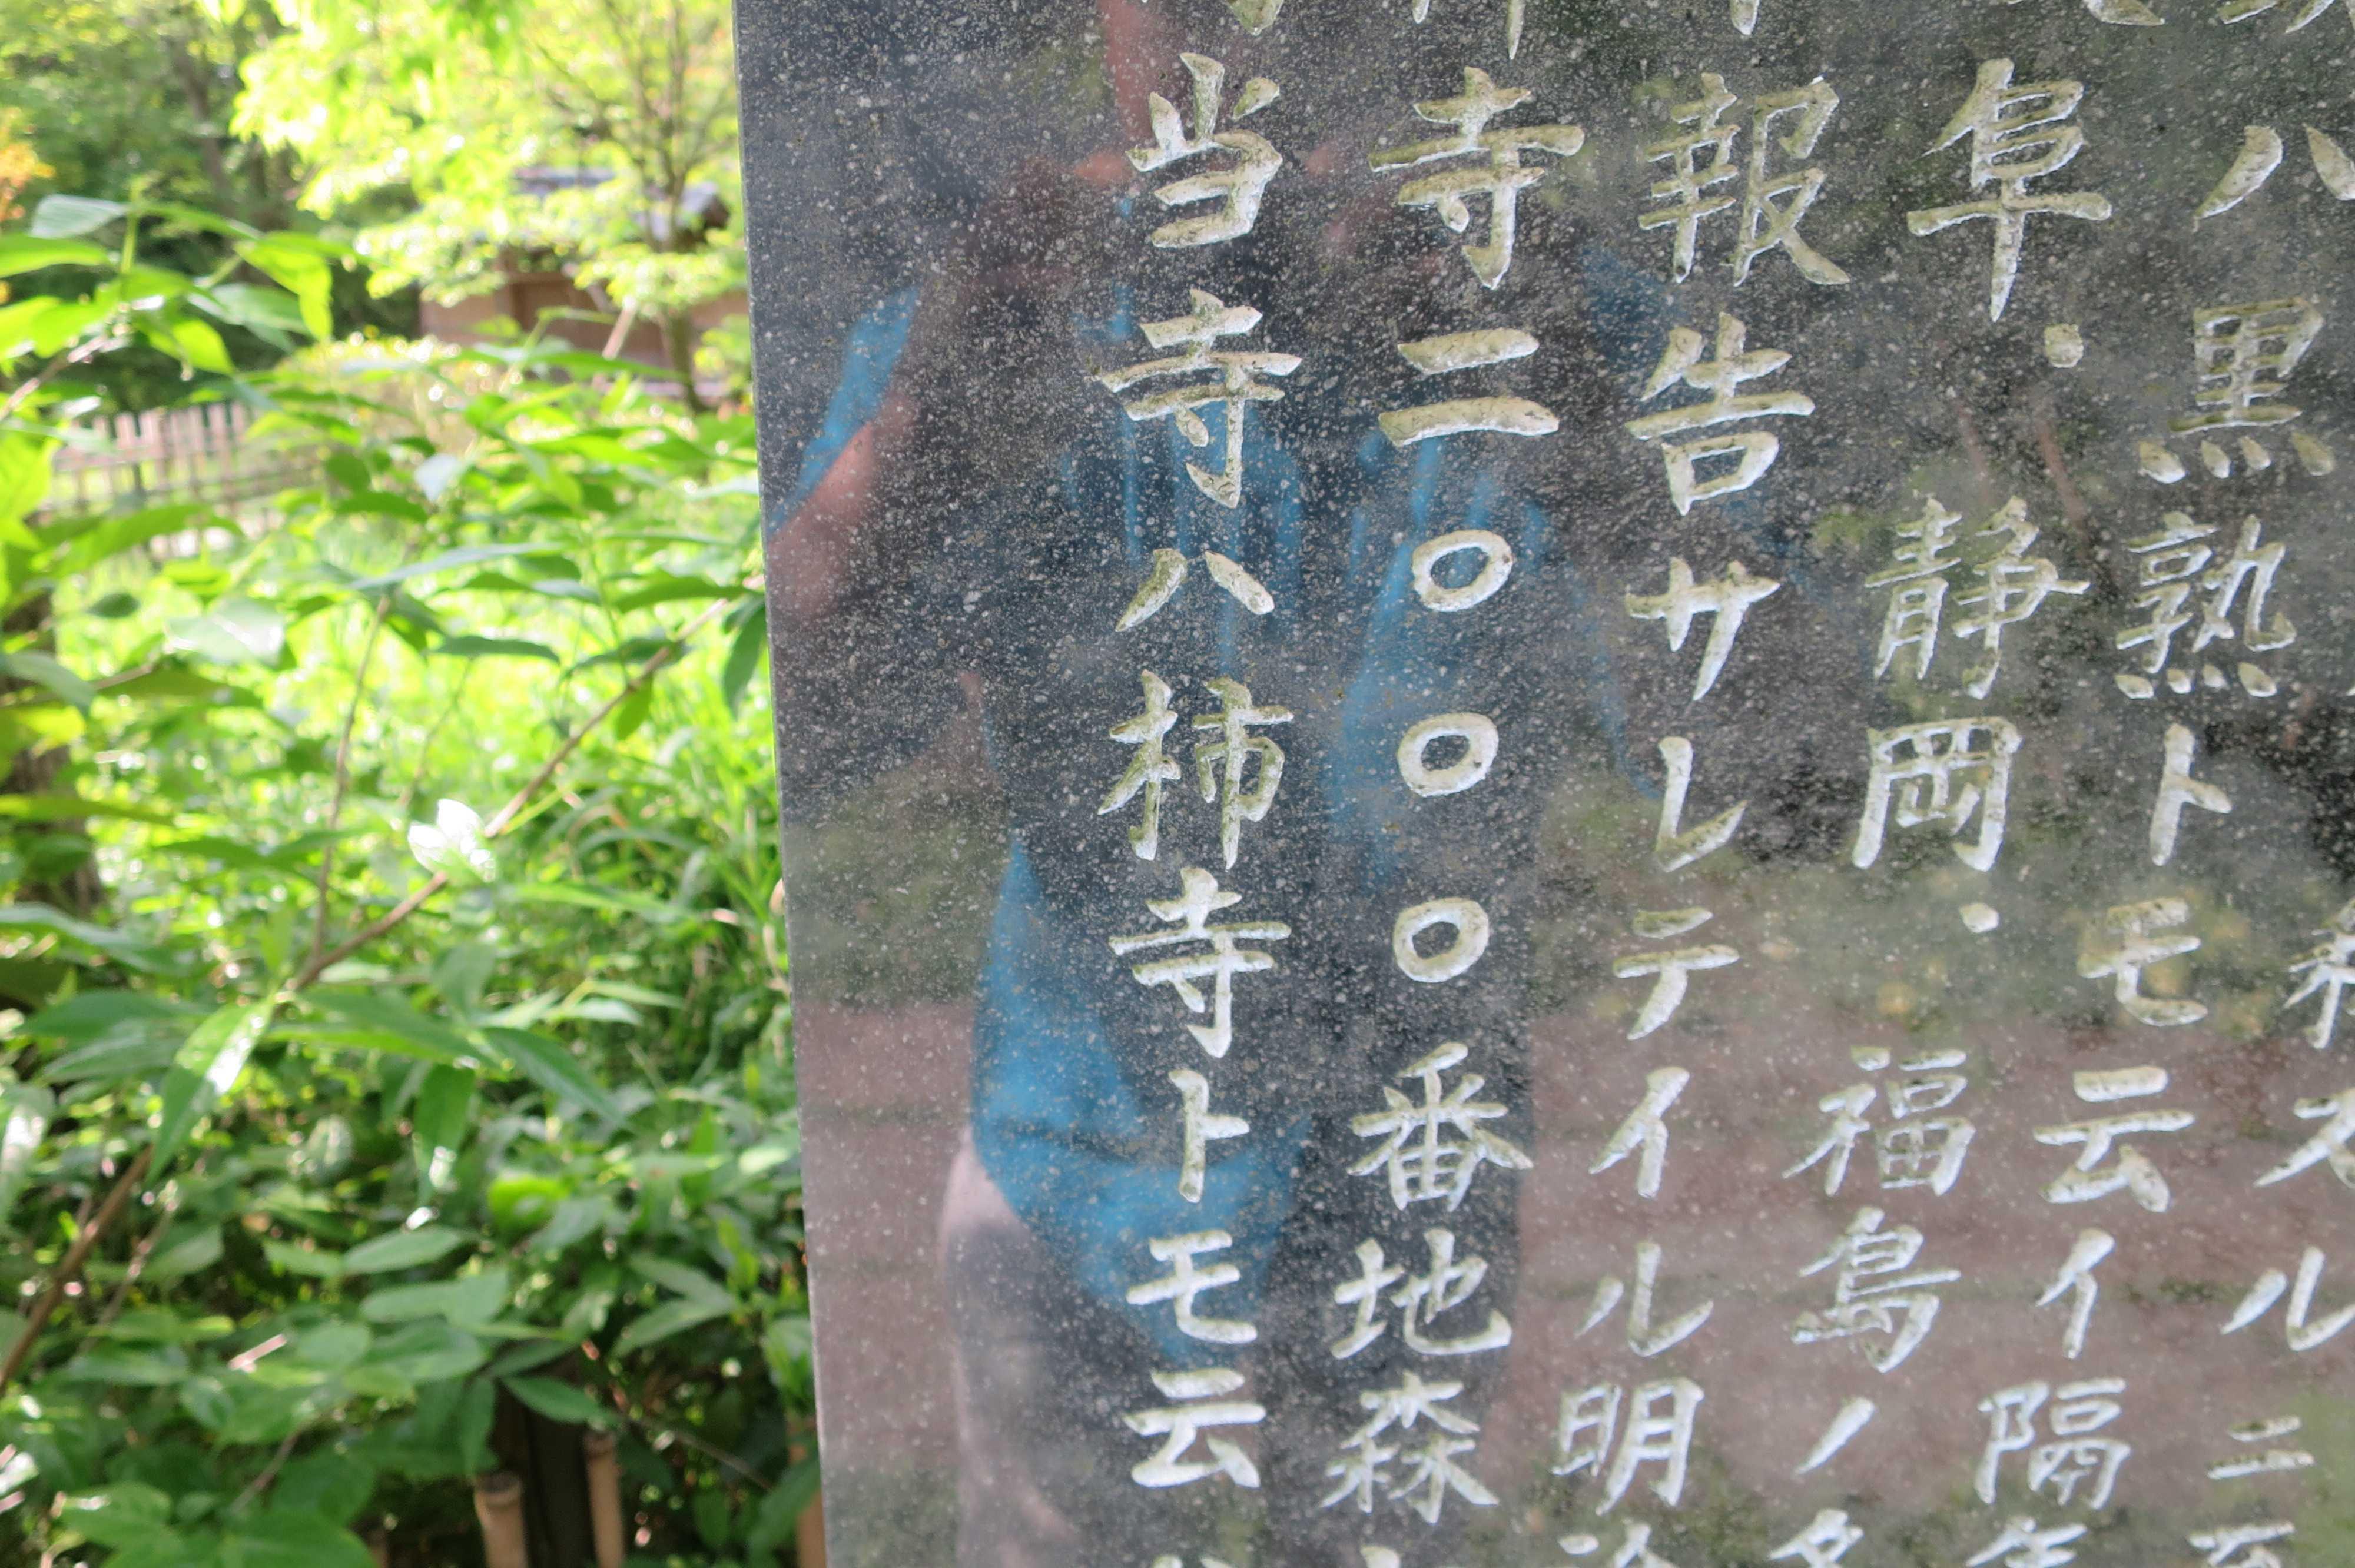 当寺ハ柿寺トモ云ハレ - 王禅寺の石碑